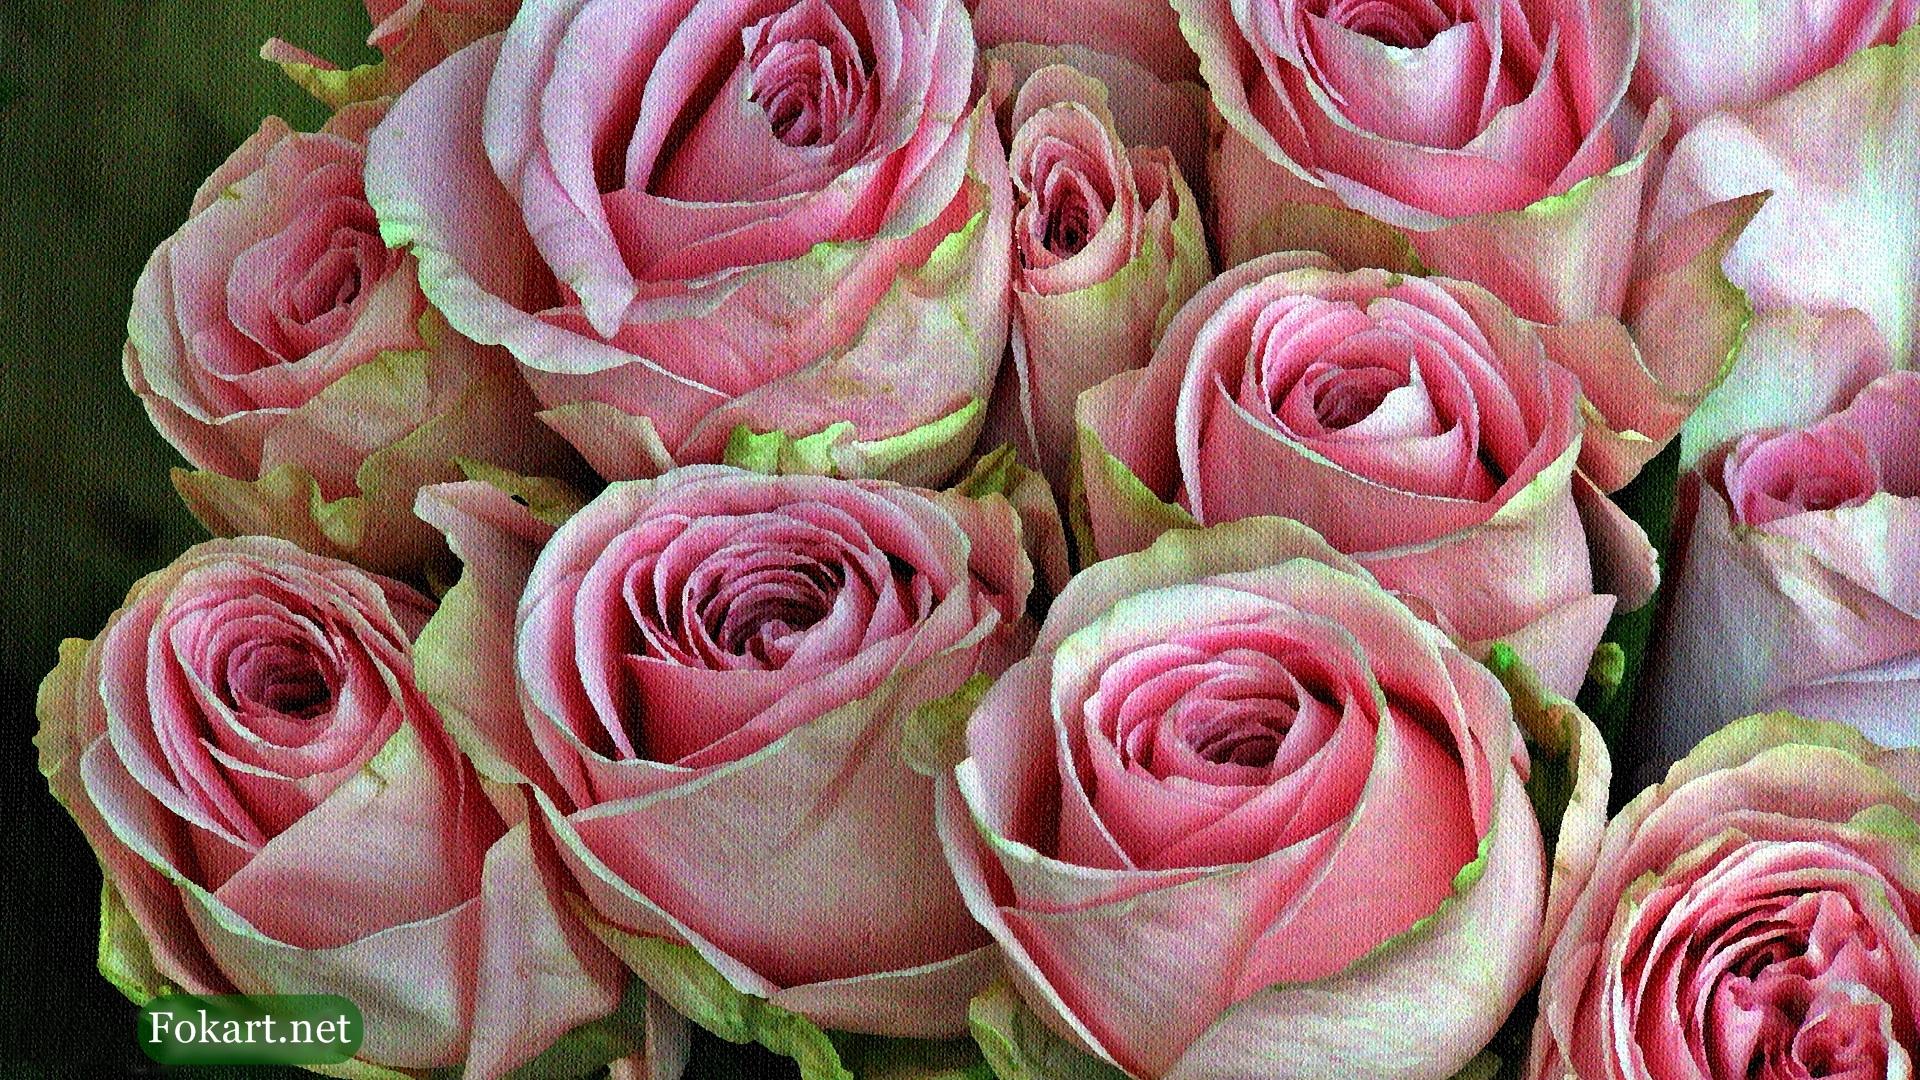 Розово-салатовые розы, фото-картина